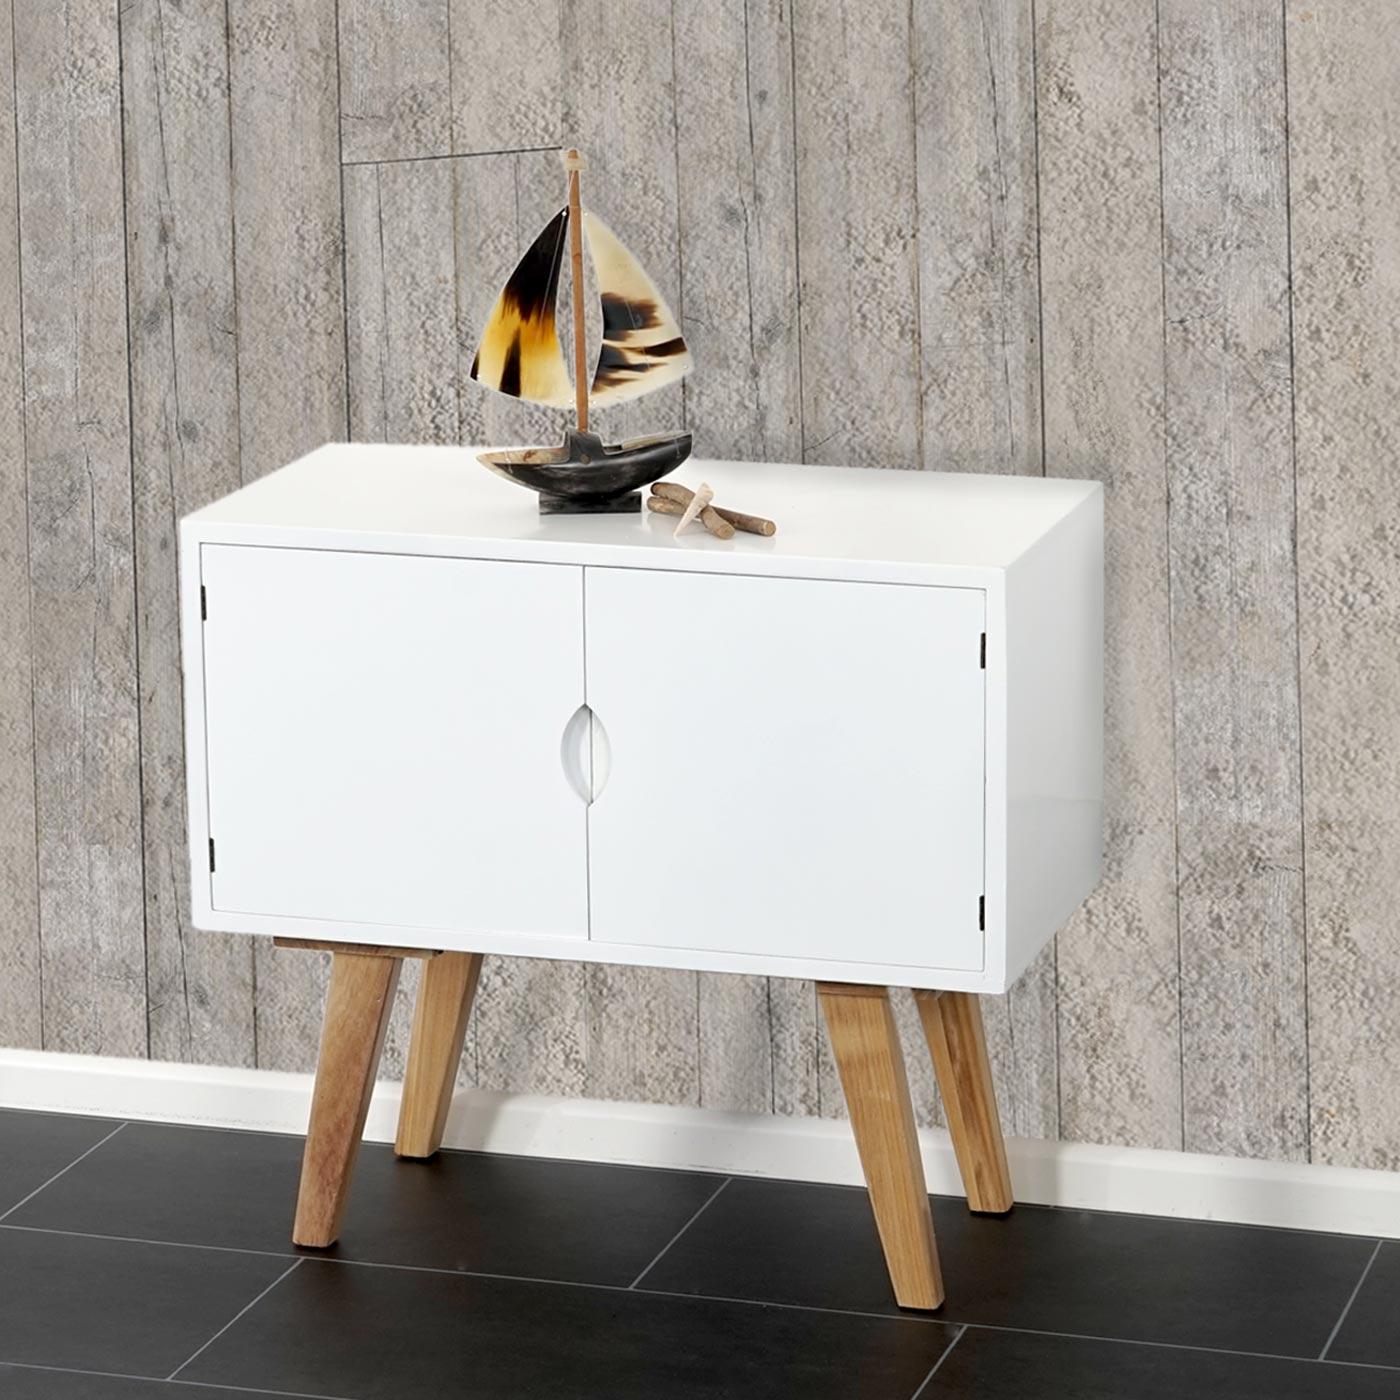 kommode weiss 60 cm breit preisvergleiche erfahrungsberichte und kauf bei nextag. Black Bedroom Furniture Sets. Home Design Ideas